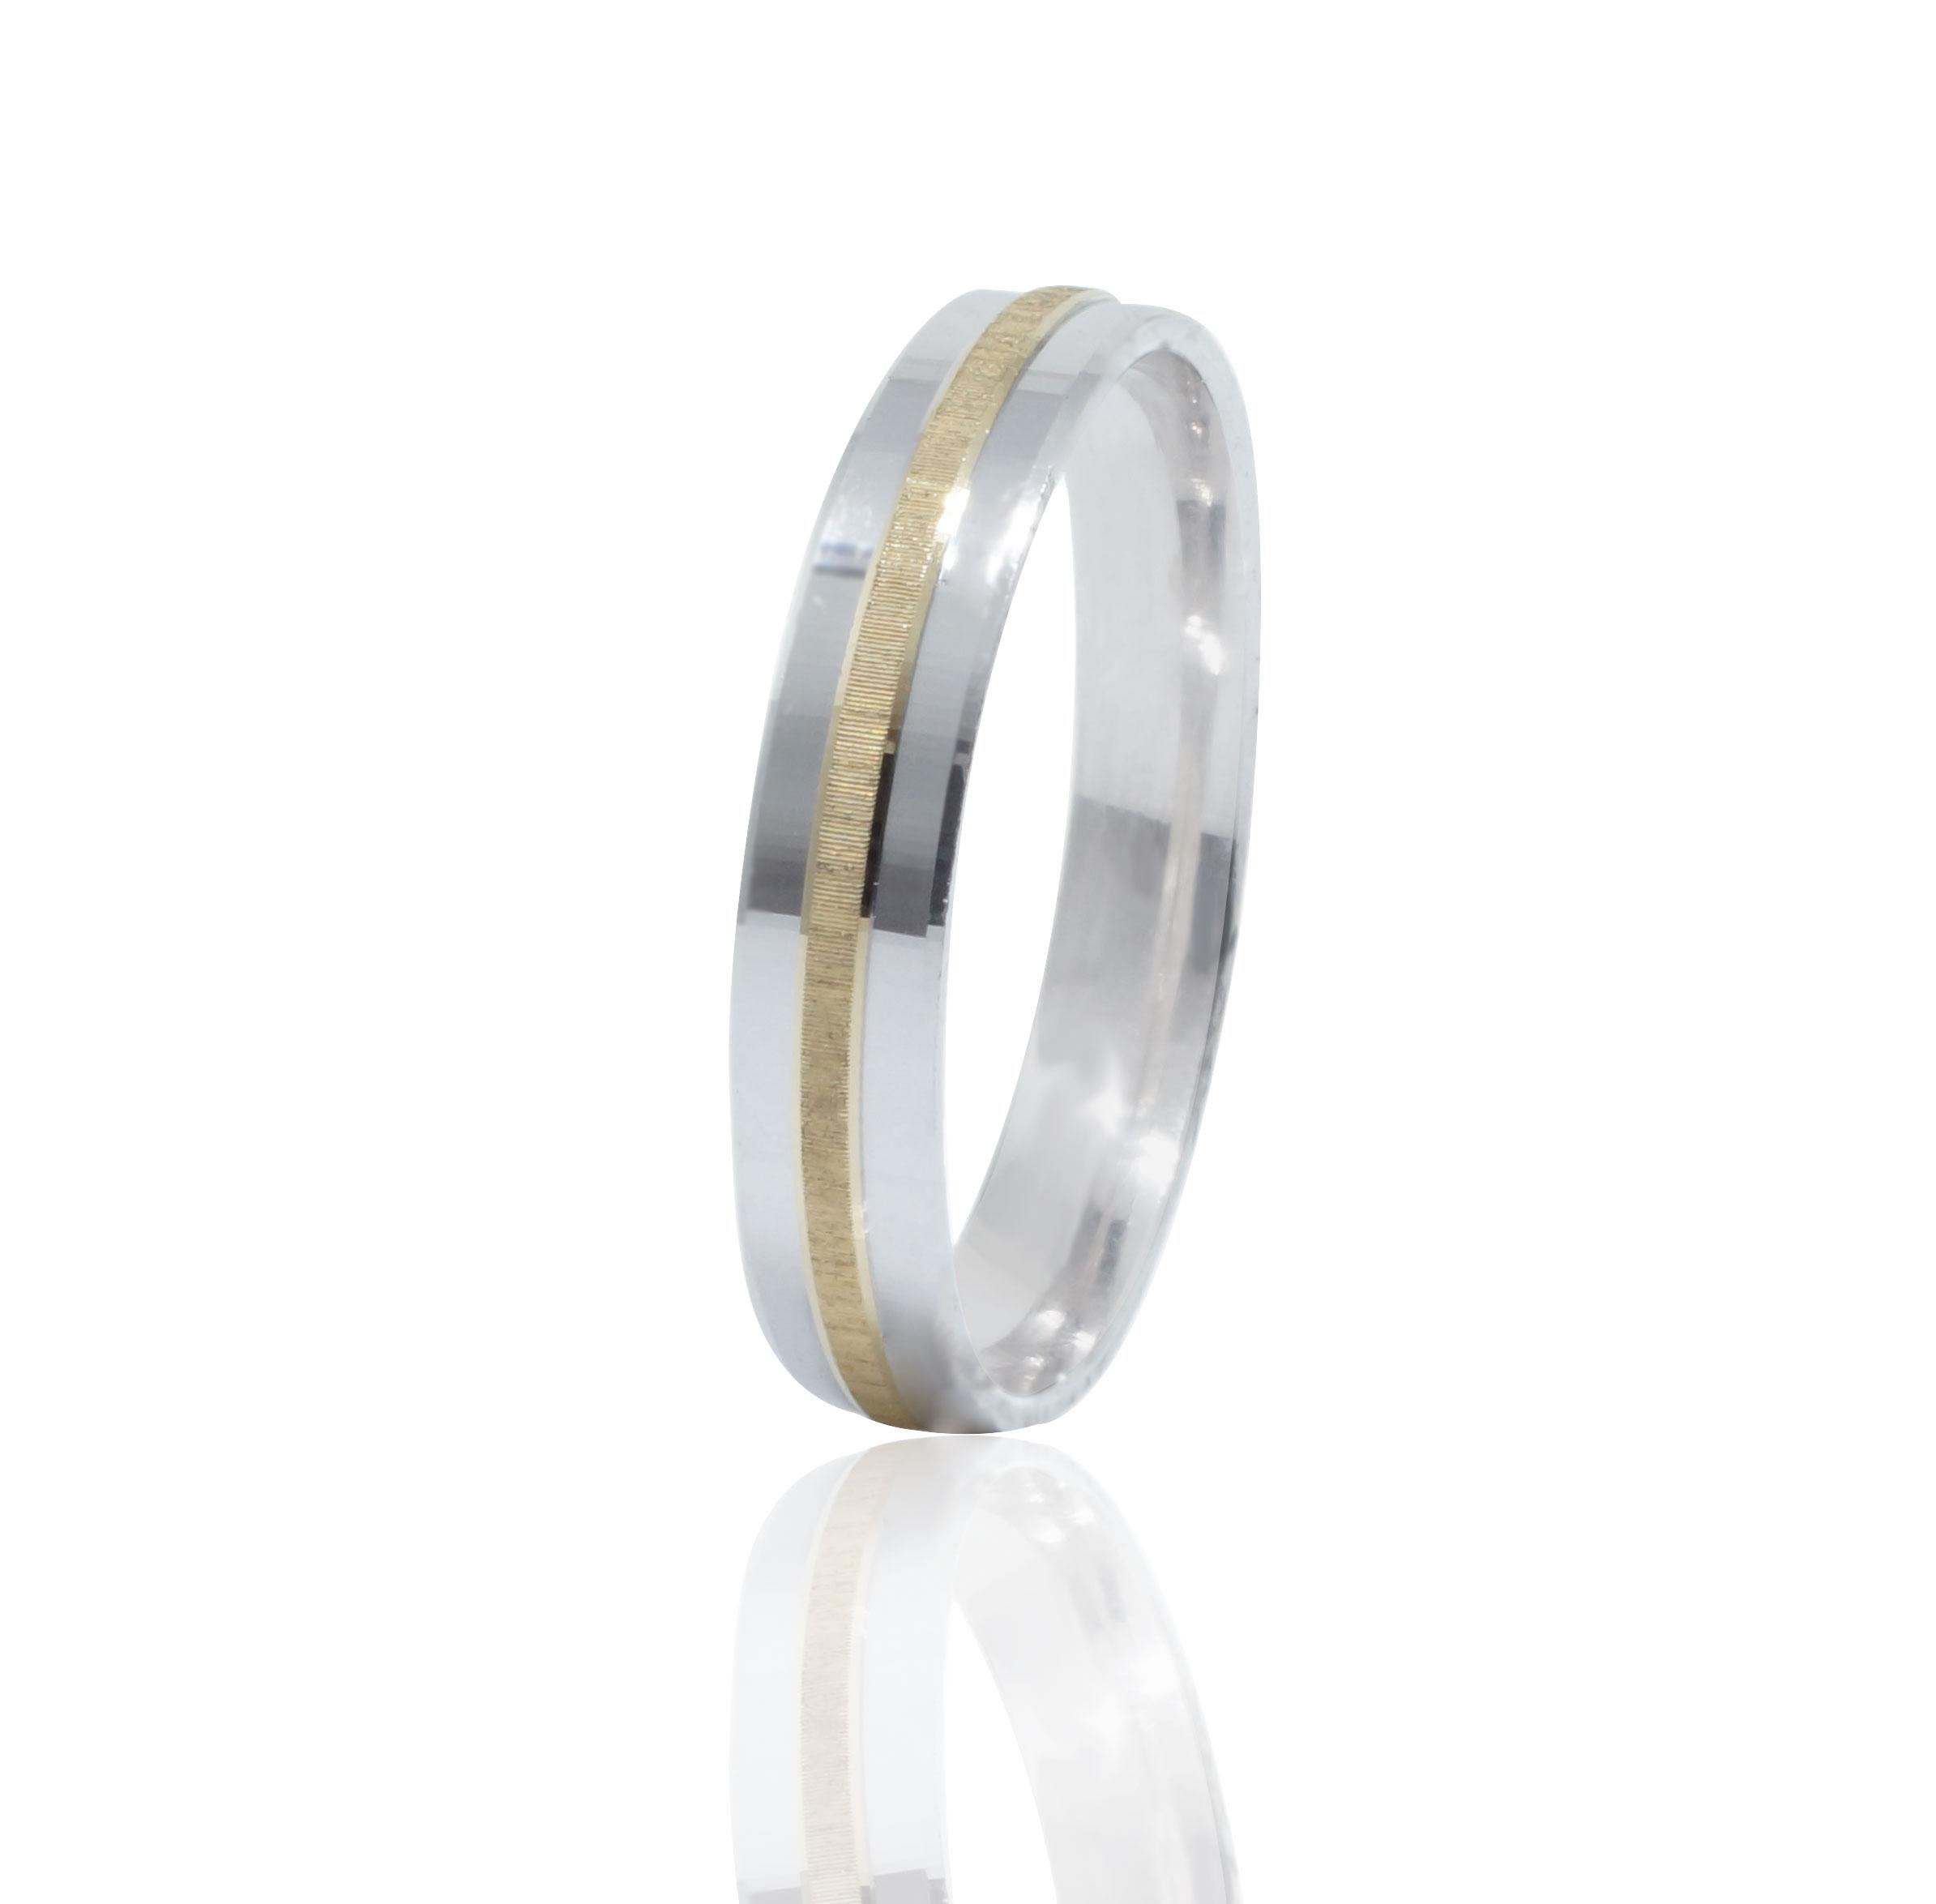 Argolla de Matrimonio Modelo Alessandra 4MM - Anelli 4150209ea0a